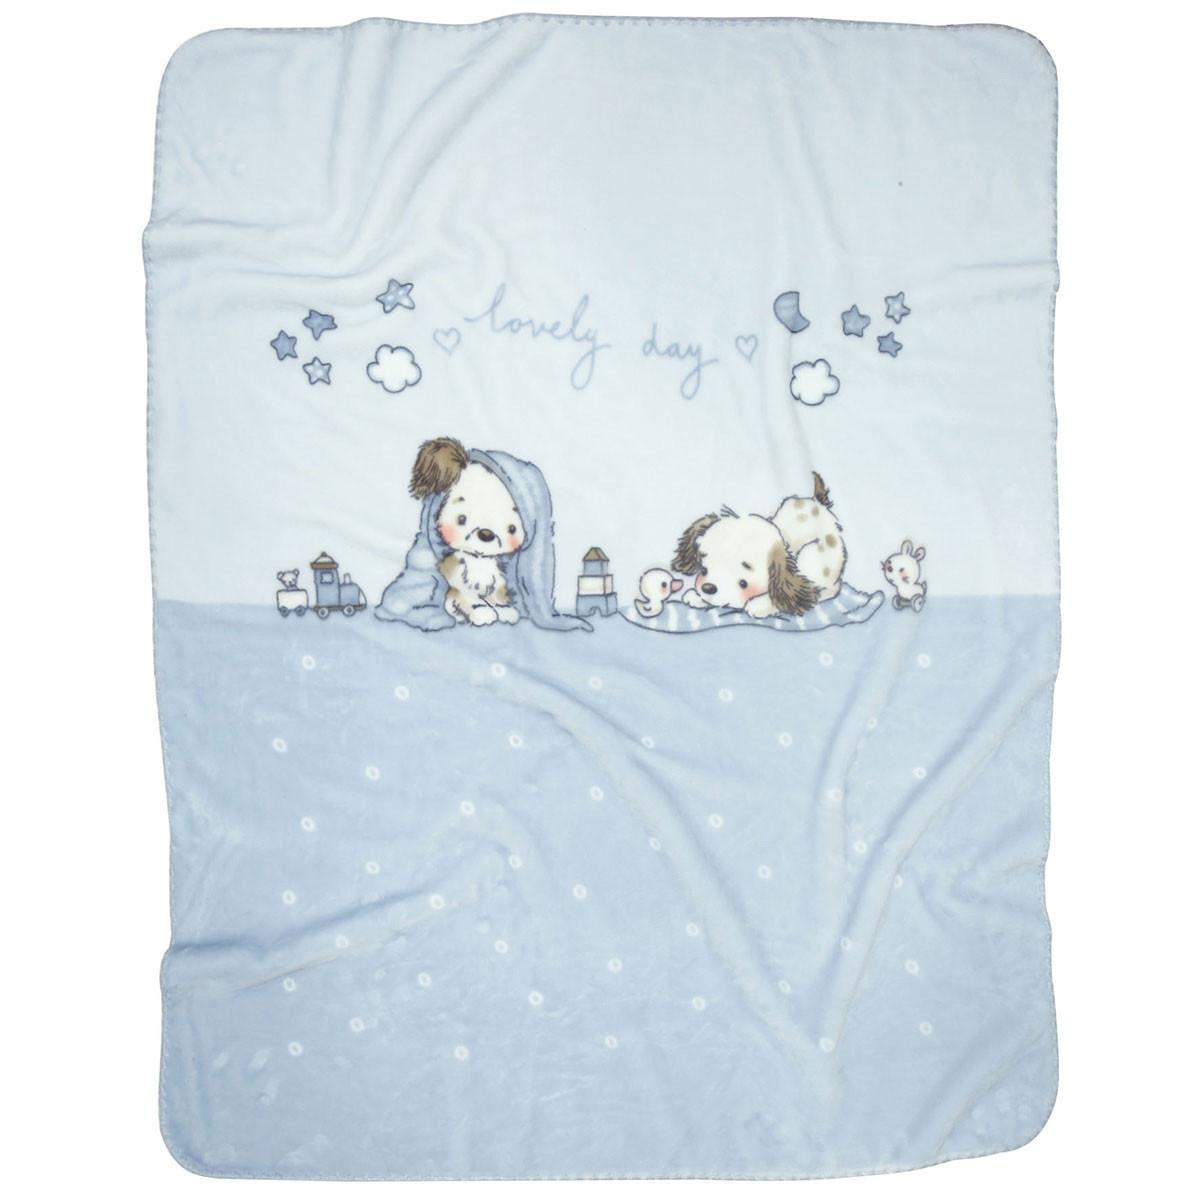 Κουβέρτα Βελουτέ Κούνιας Das Home Blanket Line 6491 home   βρεφικά   κουβέρτες βρεφικές   κουβέρτες βελουτέ